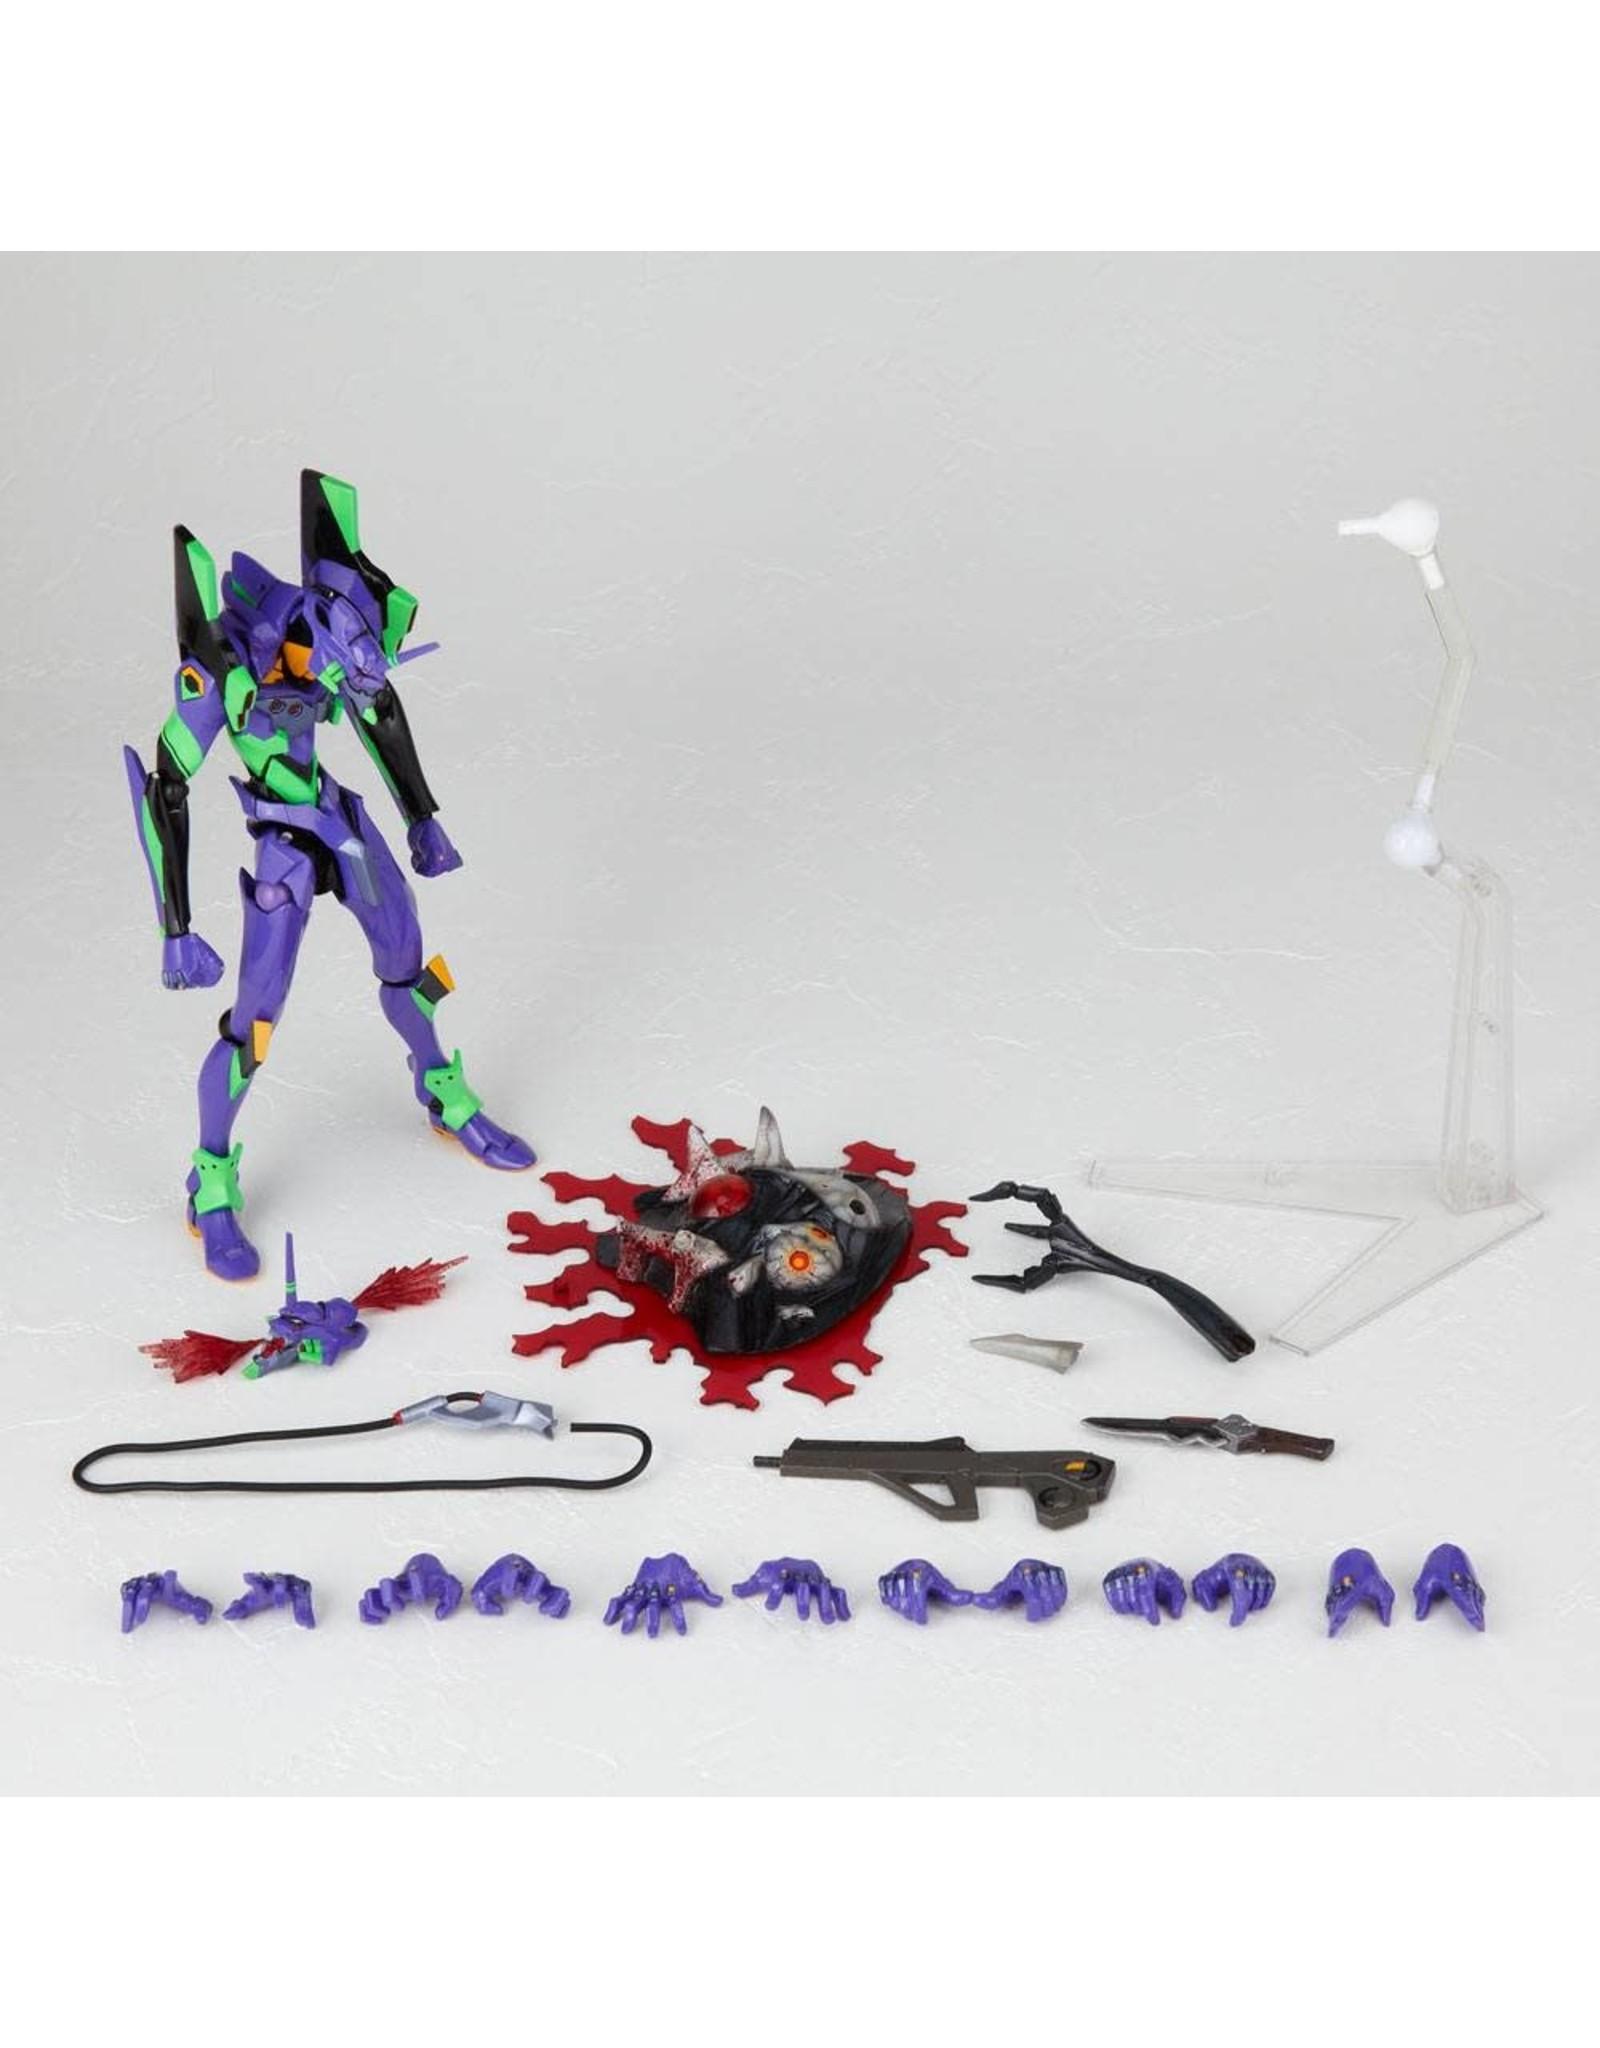 Evangelion - Revoltech Action Figure - EV-001S EVA Unit 01 New Packaging Version - 14 cm